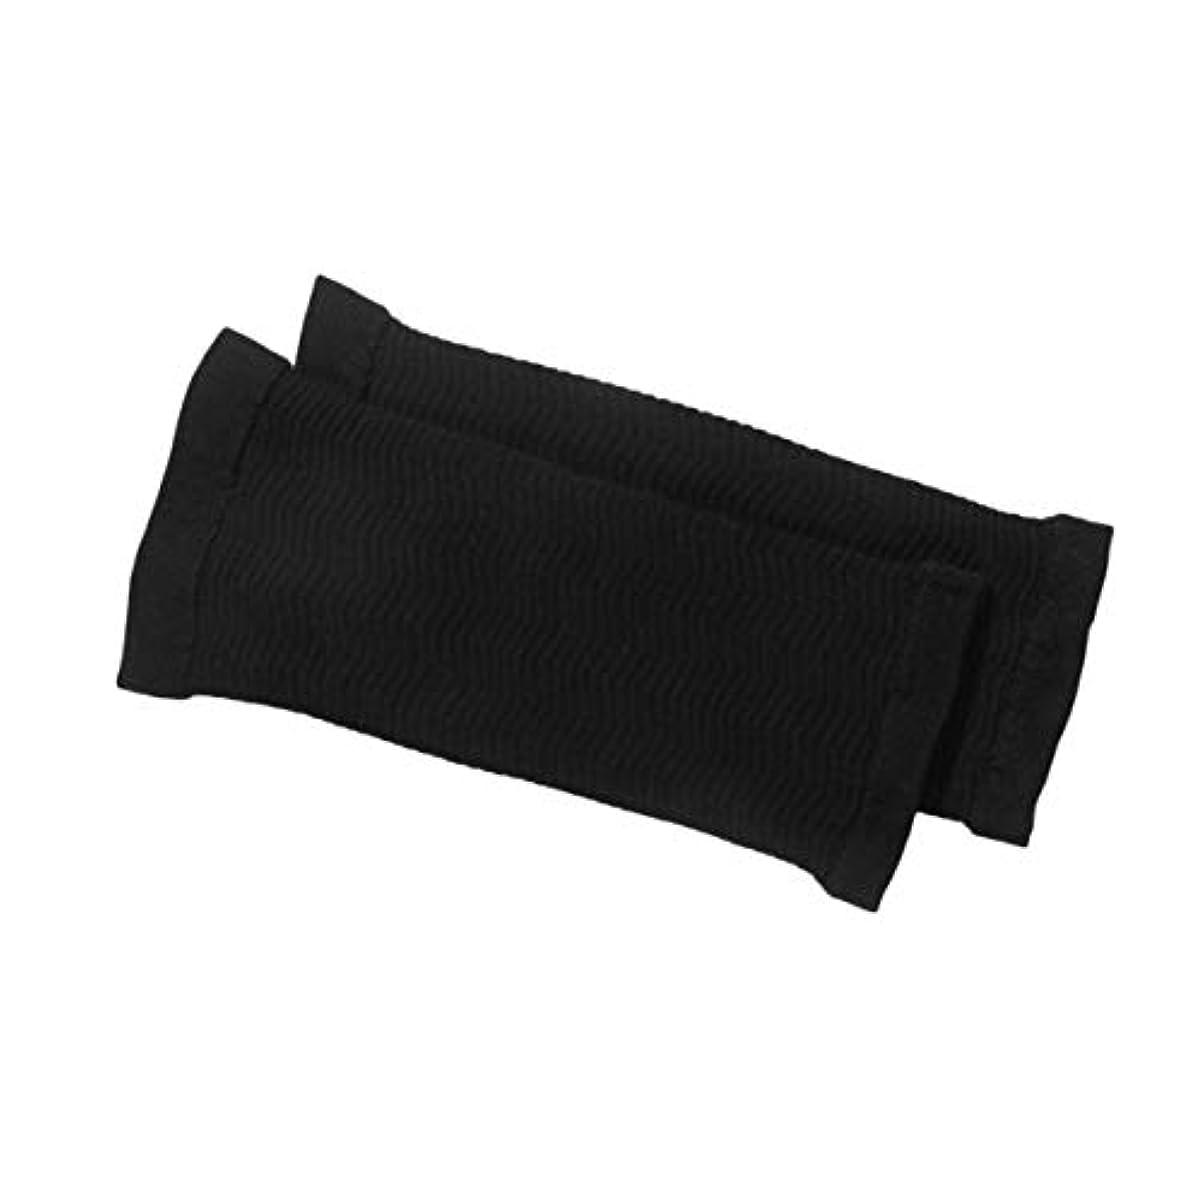 人間クローン代理人1ペア420 D圧縮痩身アームスリーブワークアウトトーニングバーンセルライトシェイパー脂肪燃焼袖用女性 - 黒